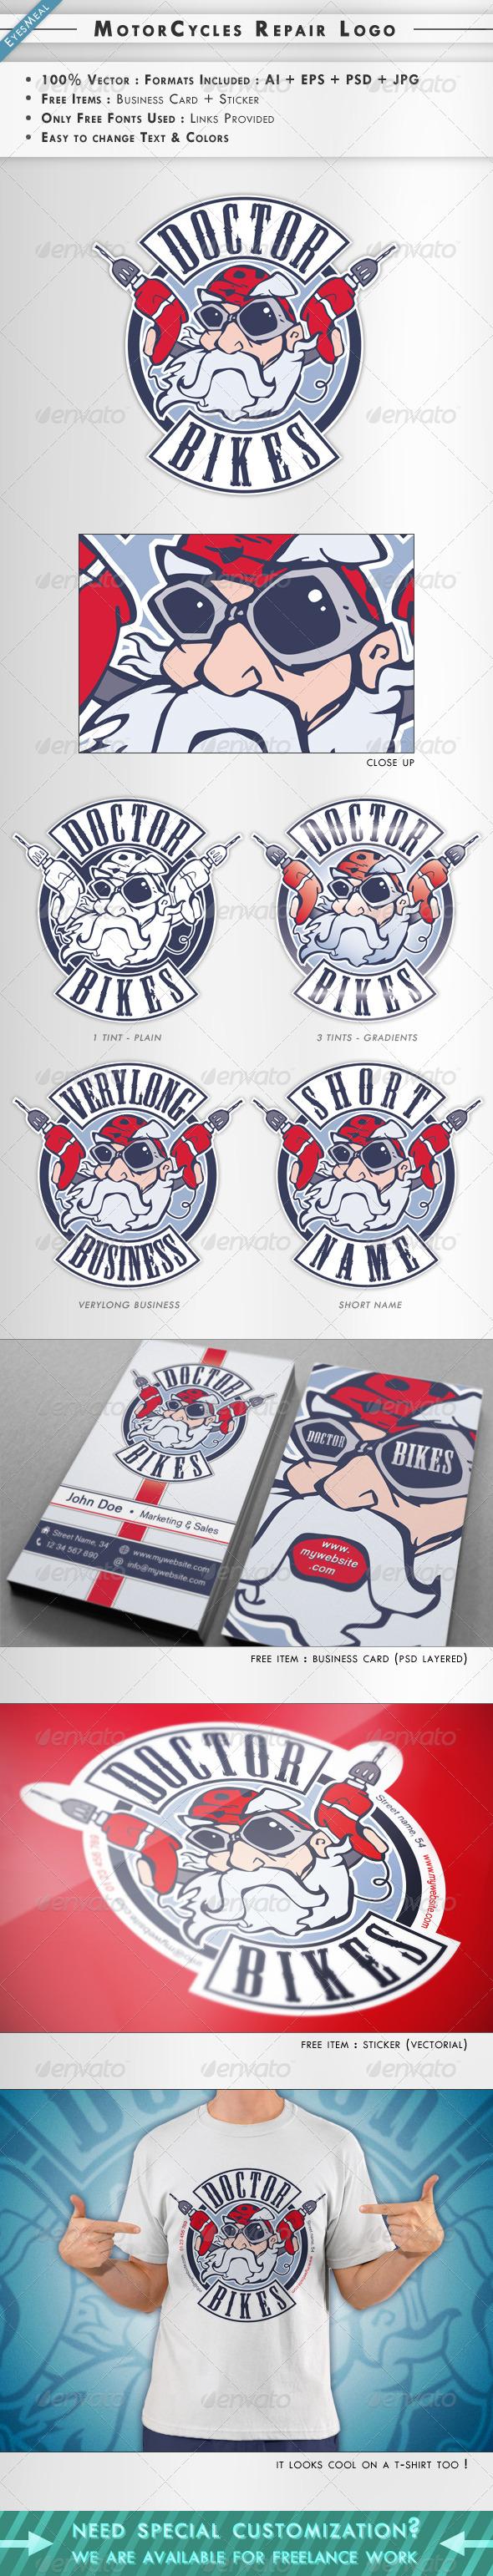 MotorCycles Repair Logo & Business Card